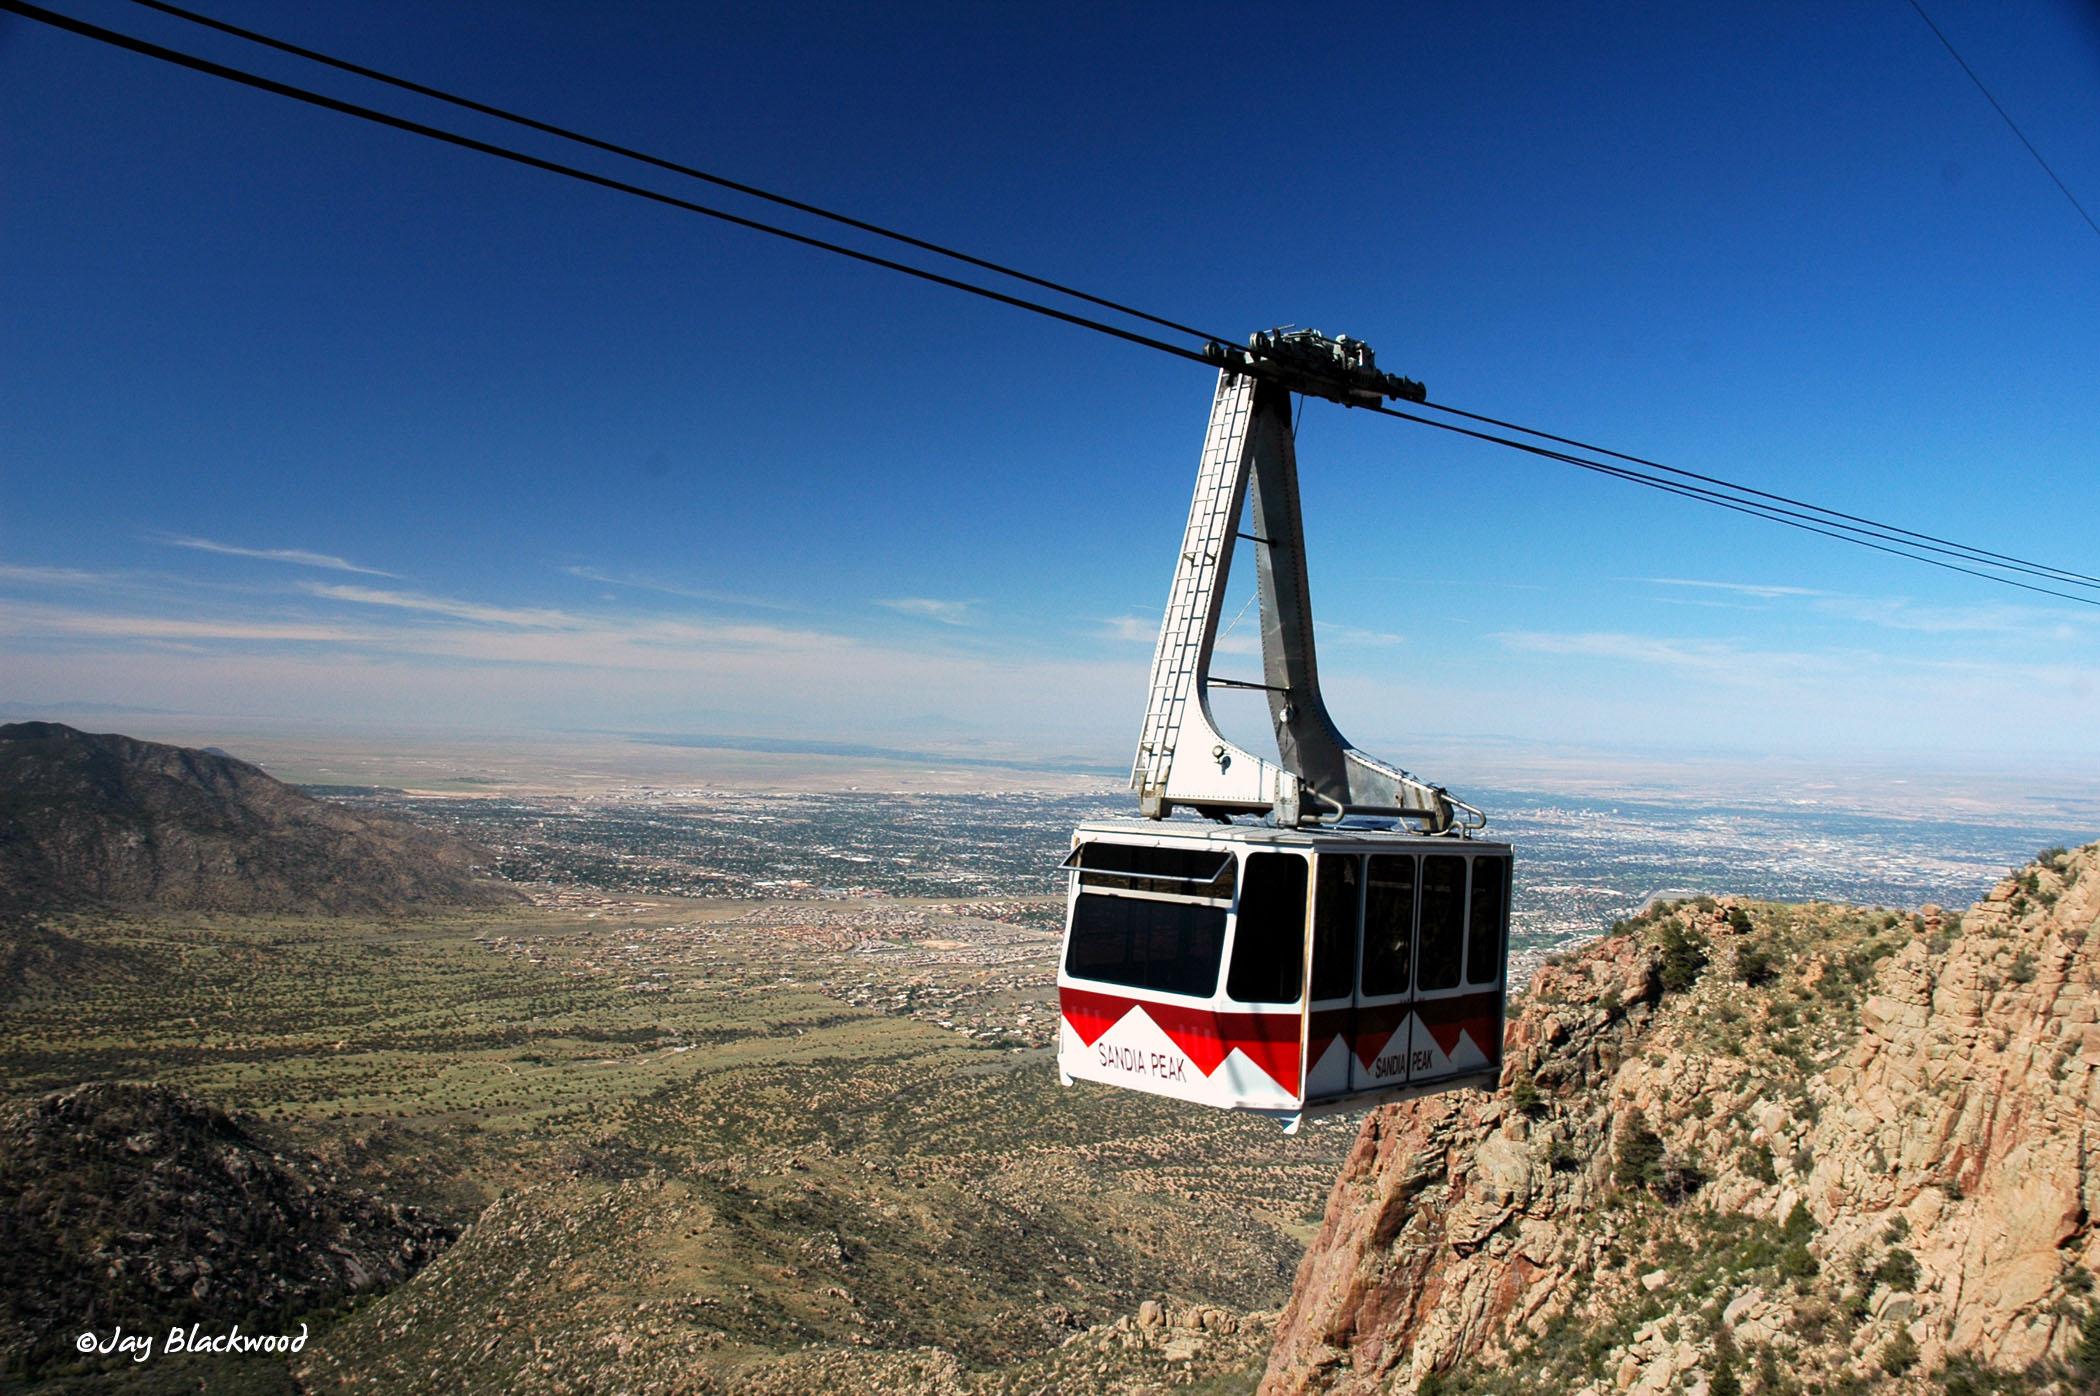 ©Jay Blackwood: Sandia Peak Ski & Tram